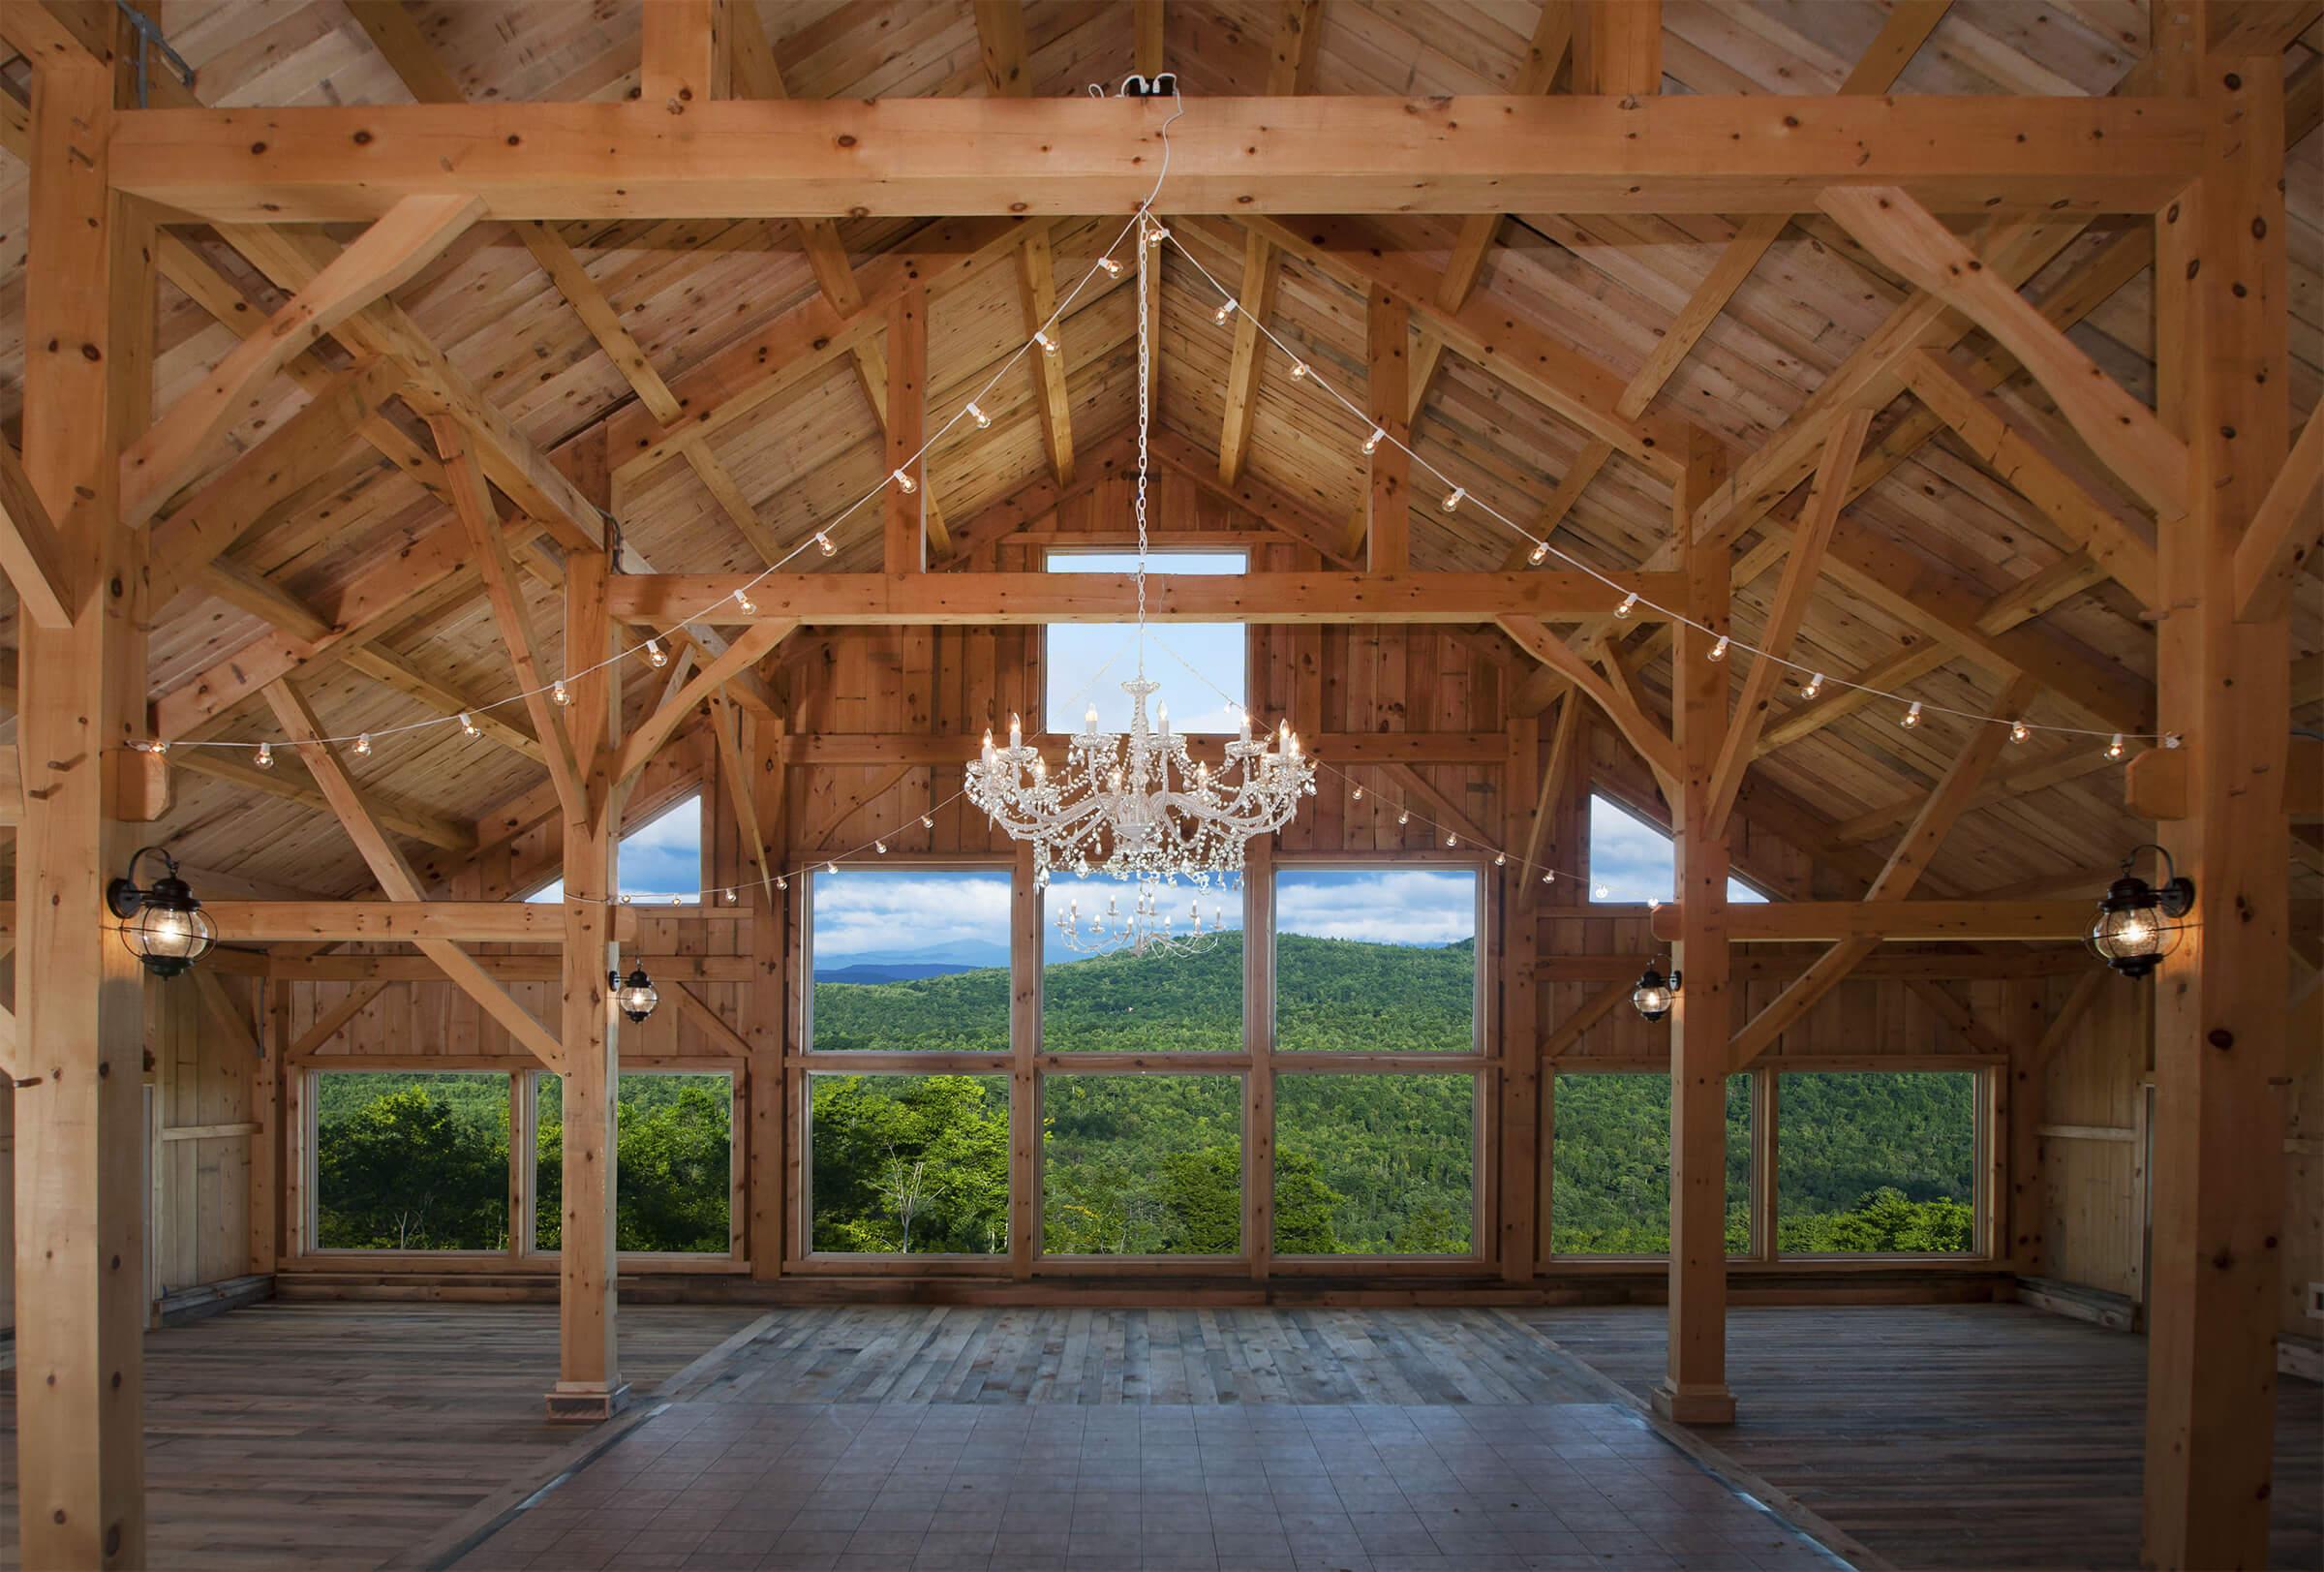 Maine Barn Wedding Venue | Granite Ridge Estate and Barn